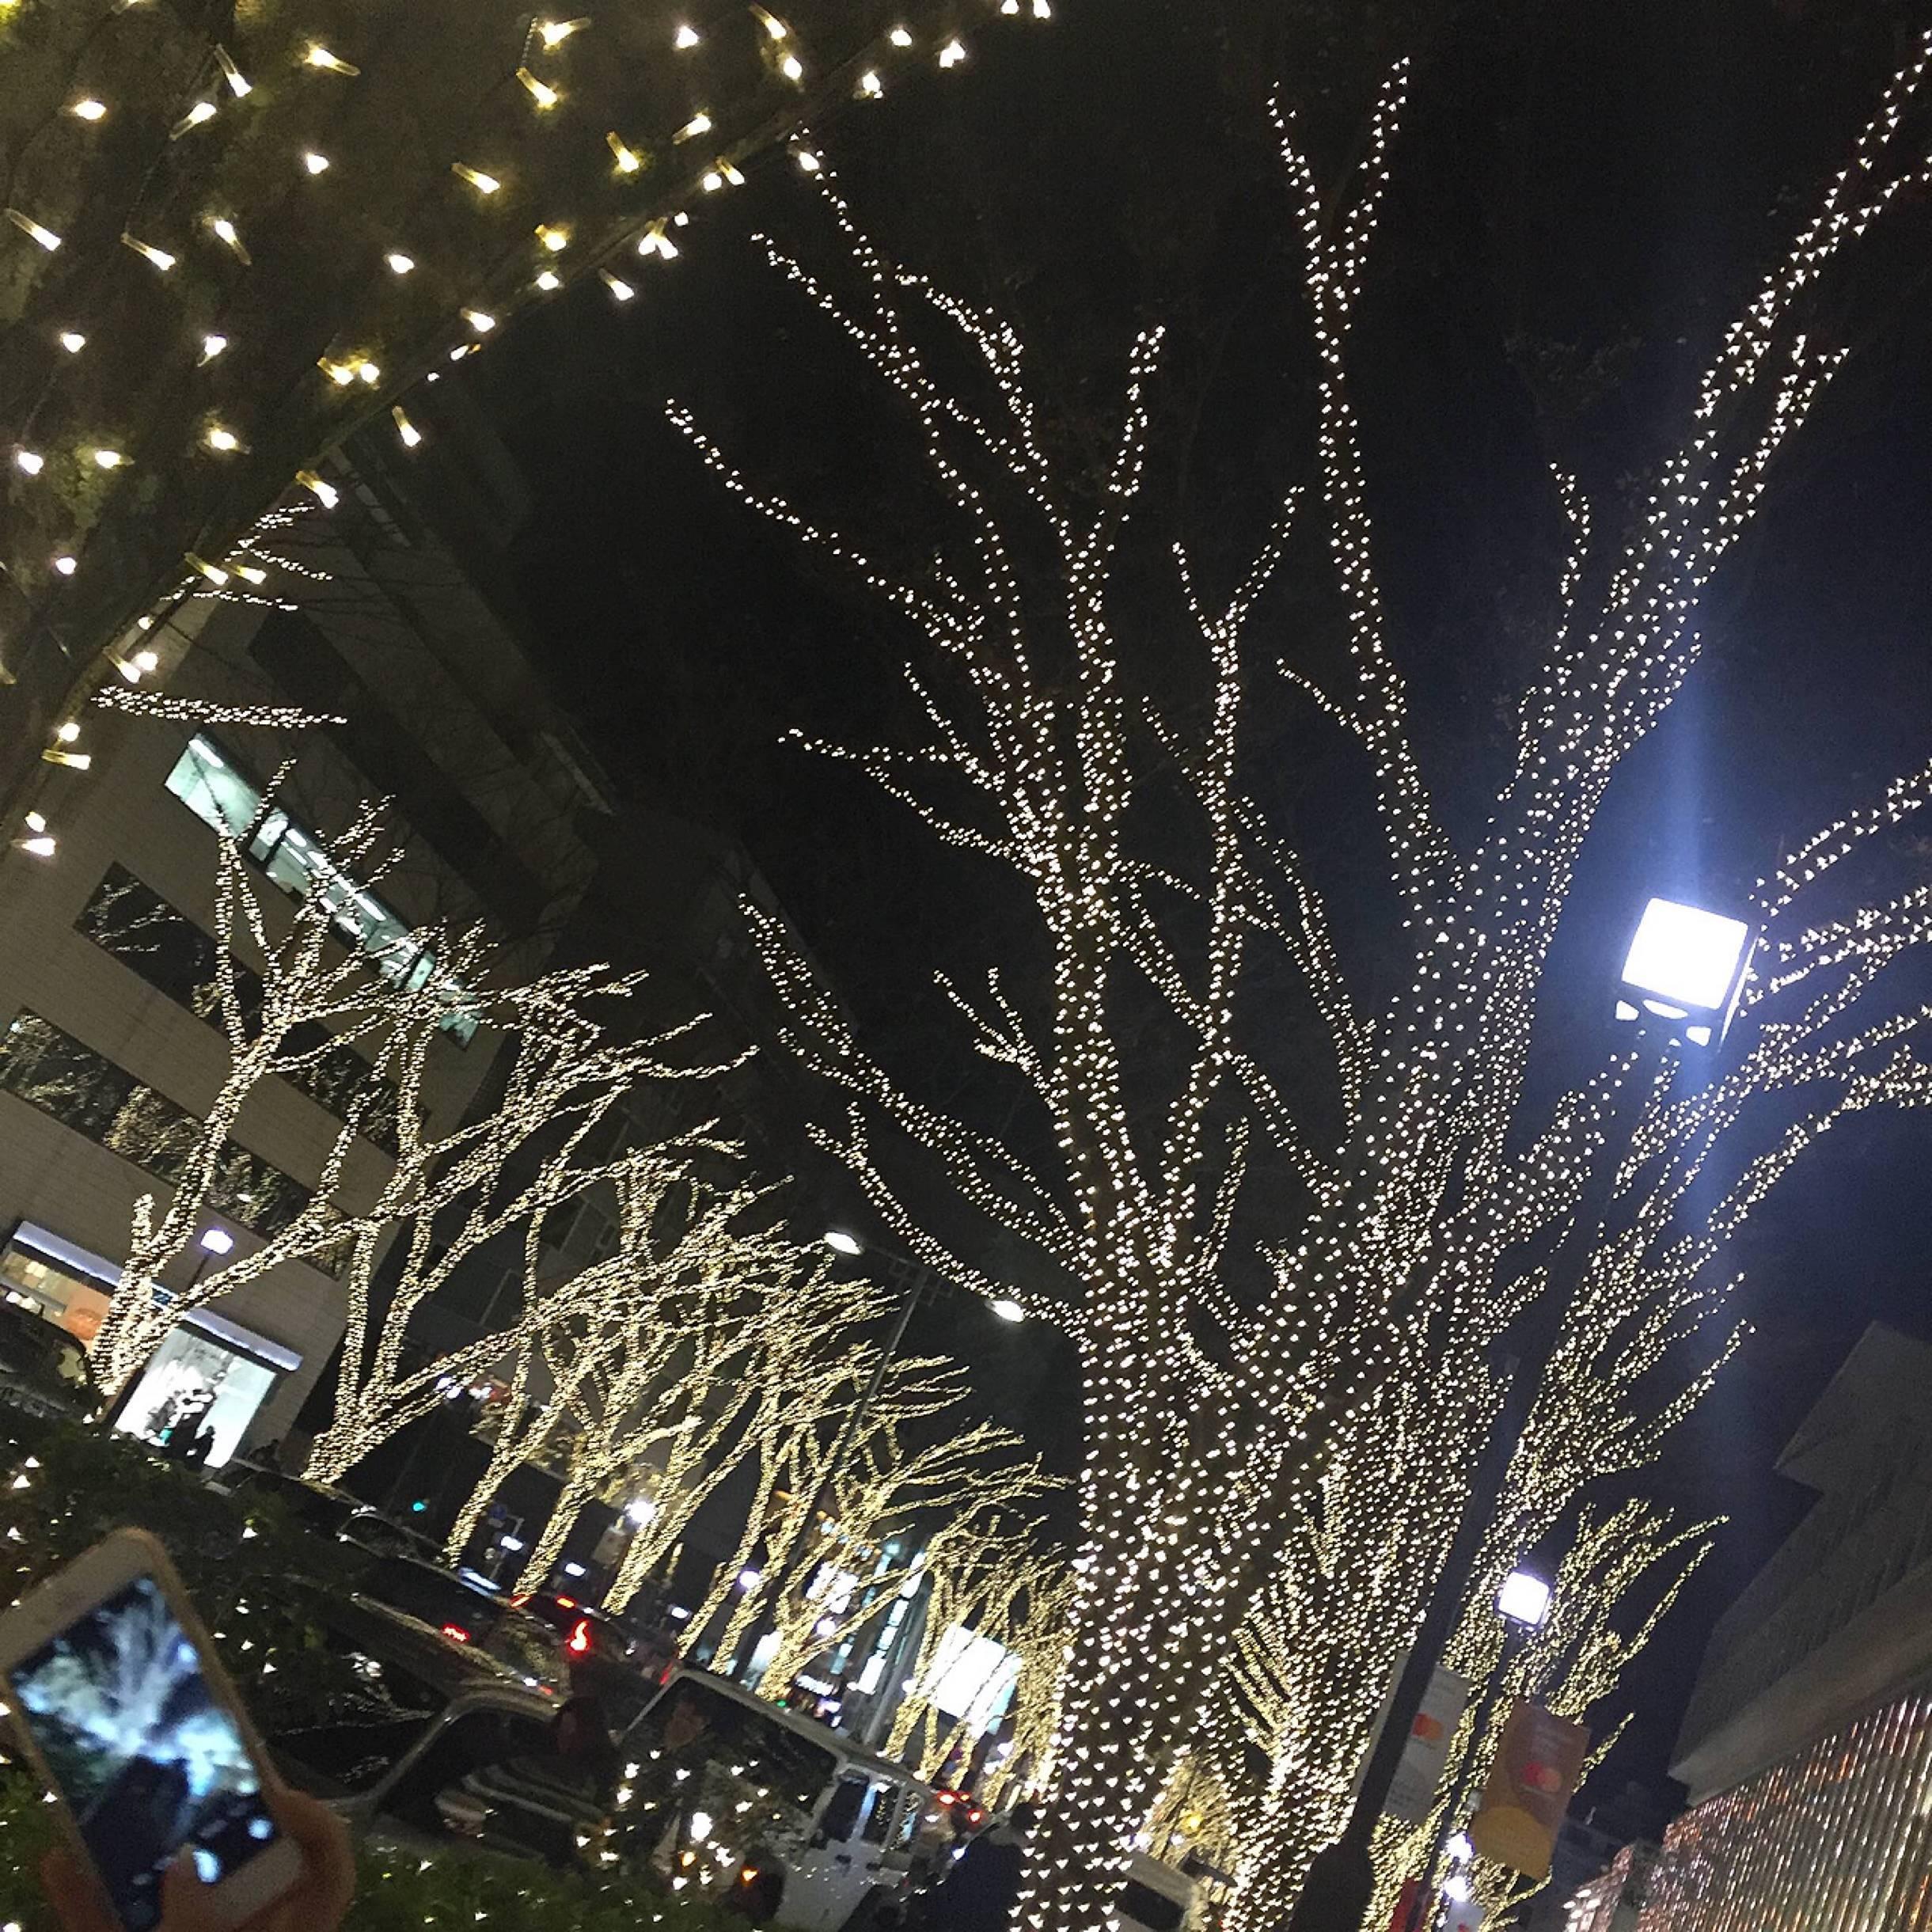 Vol.34♡ 表参道から渋谷へ!イルミネーションルートをご紹介❤︎_1_1